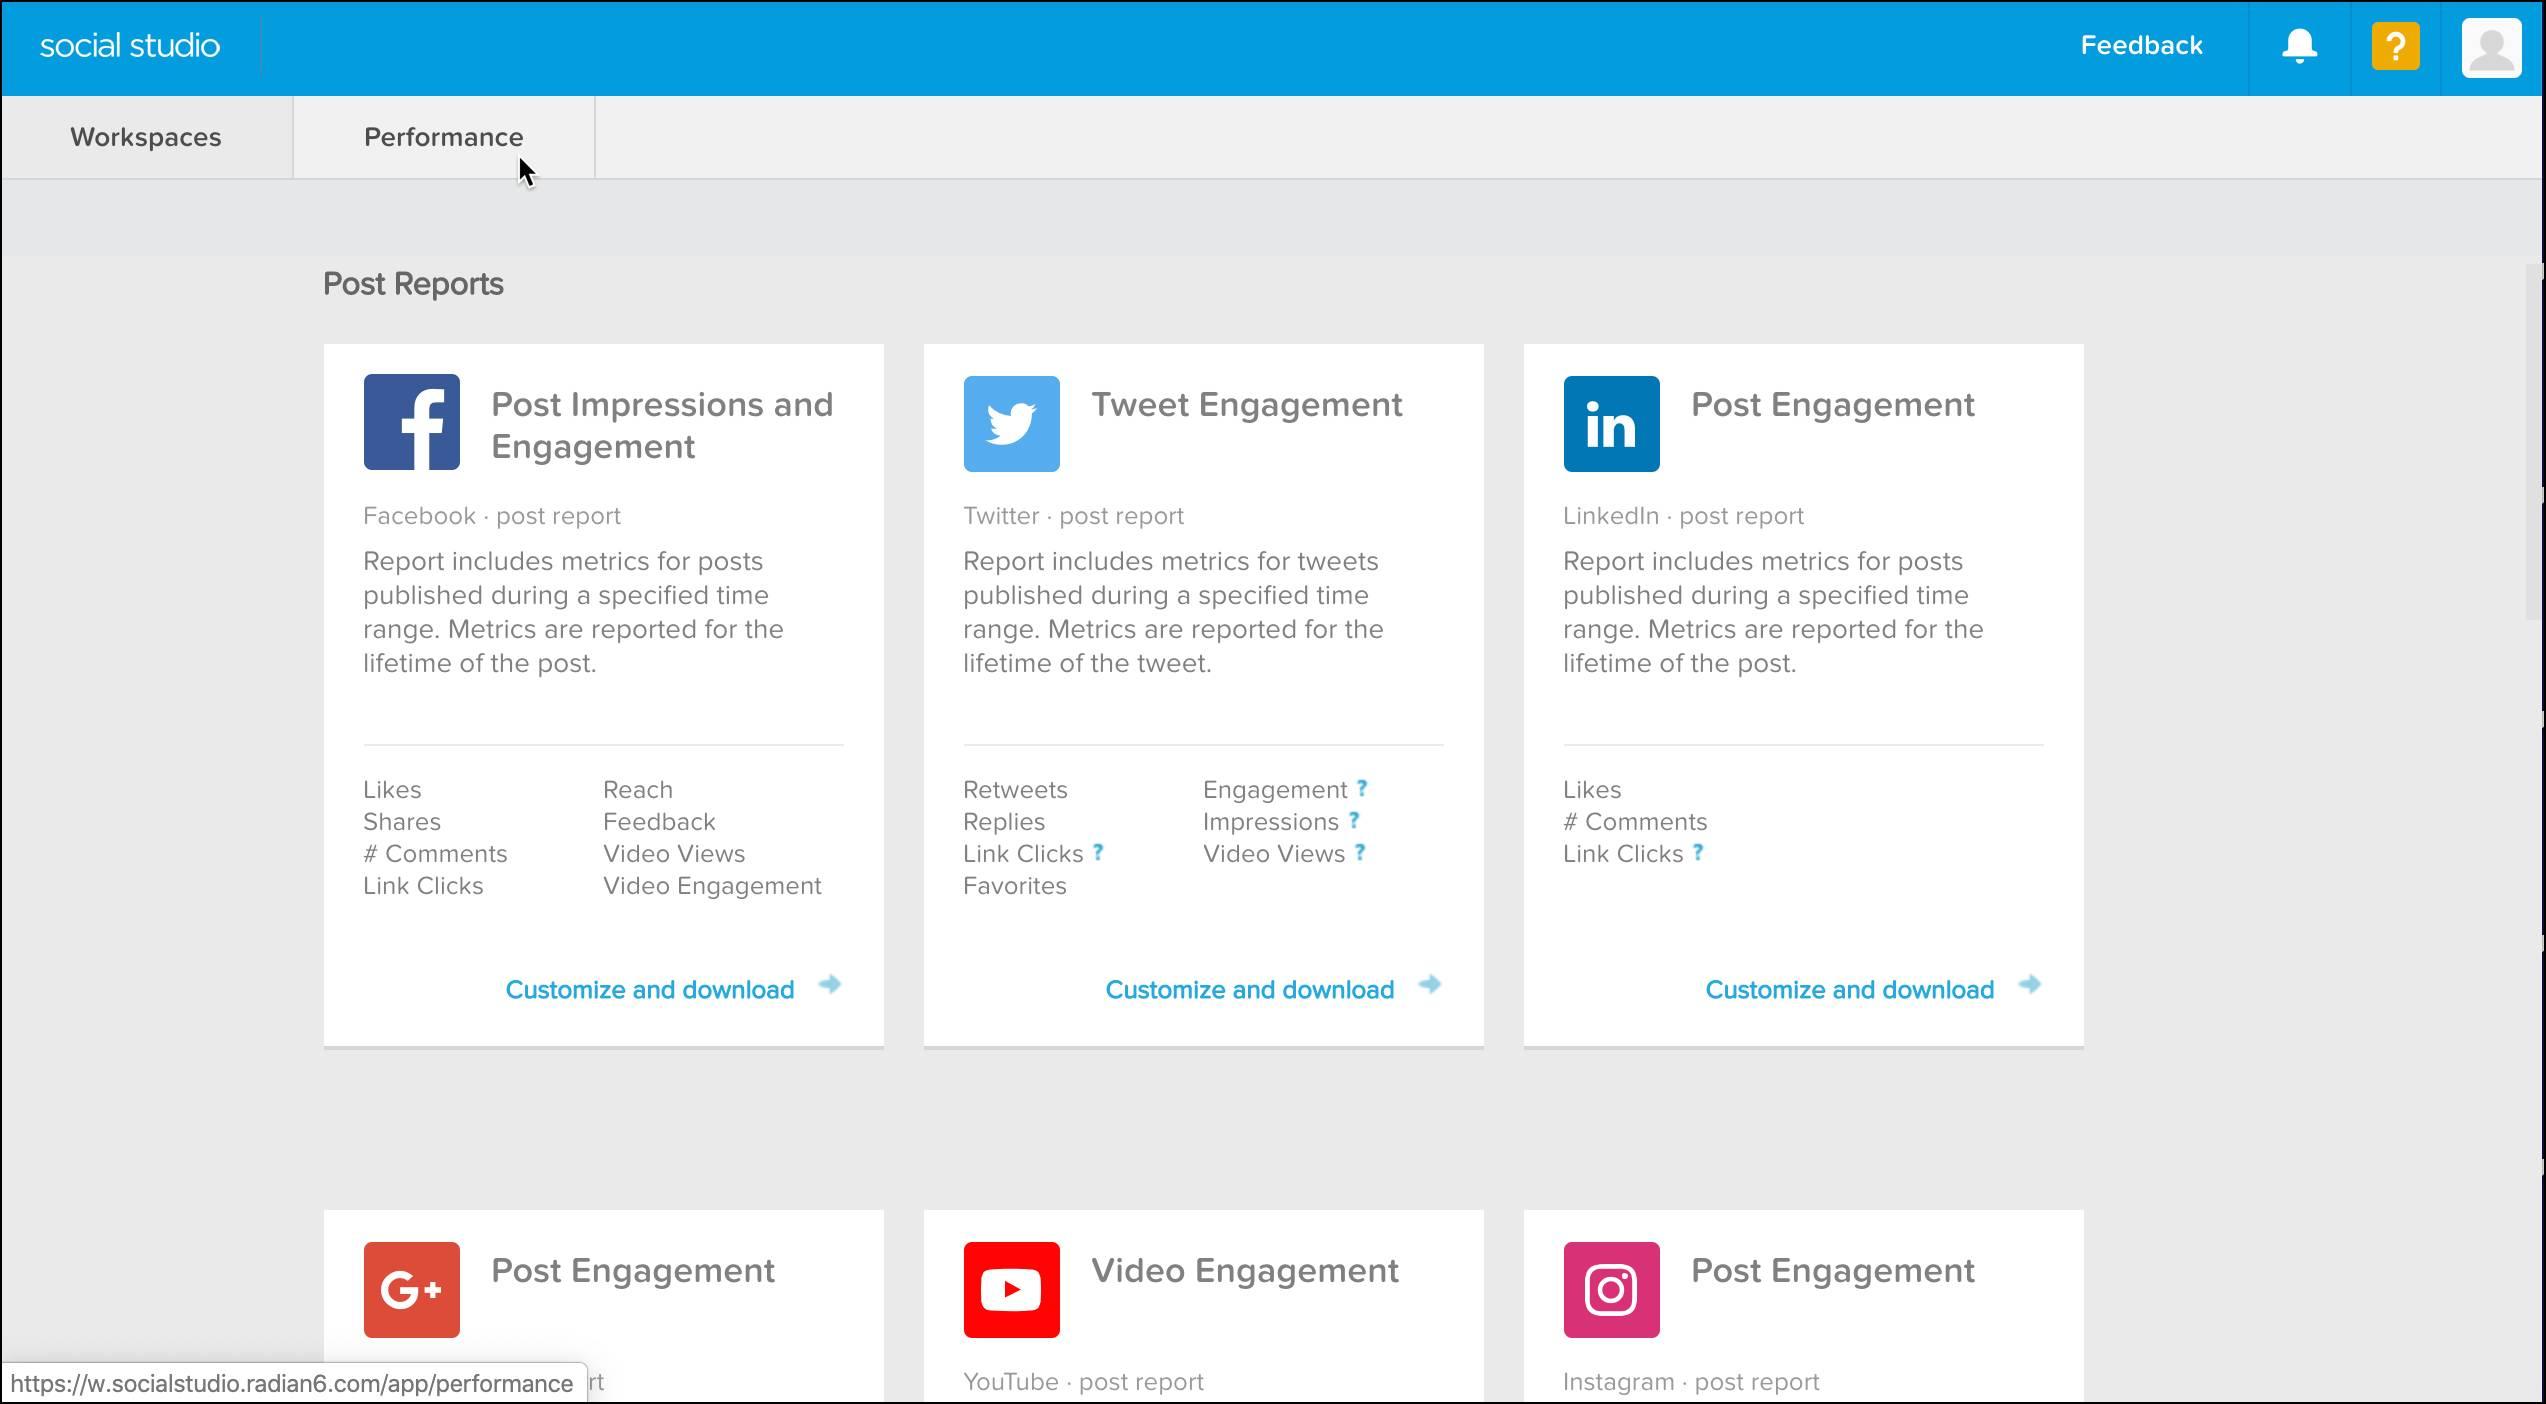 L'interface de l'onglet Performance affiche une collection de rapports relatifs à vos publications sur différents réseaux sociaux, notamment Facebook, Twitter, YouTube, etc.